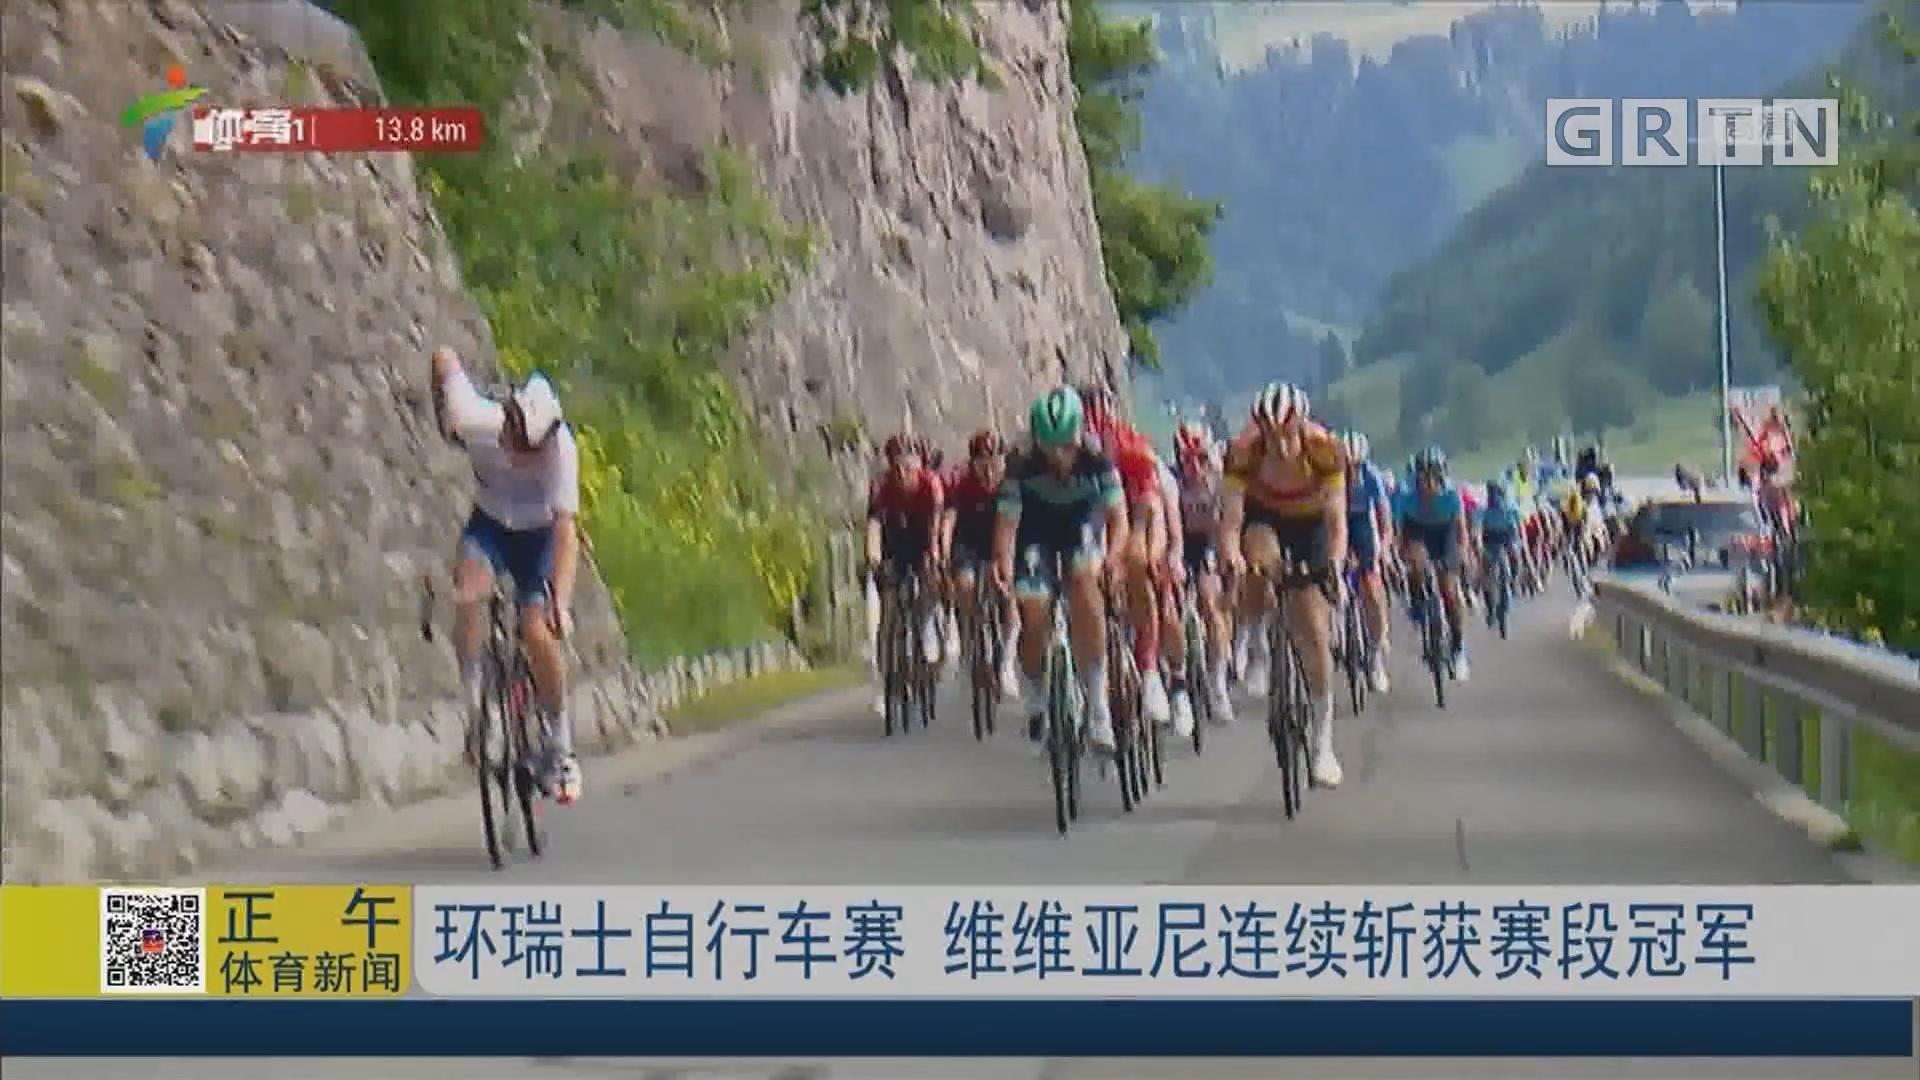 环瑞士自行车赛 维维亚尼连续斩获赛段冠军